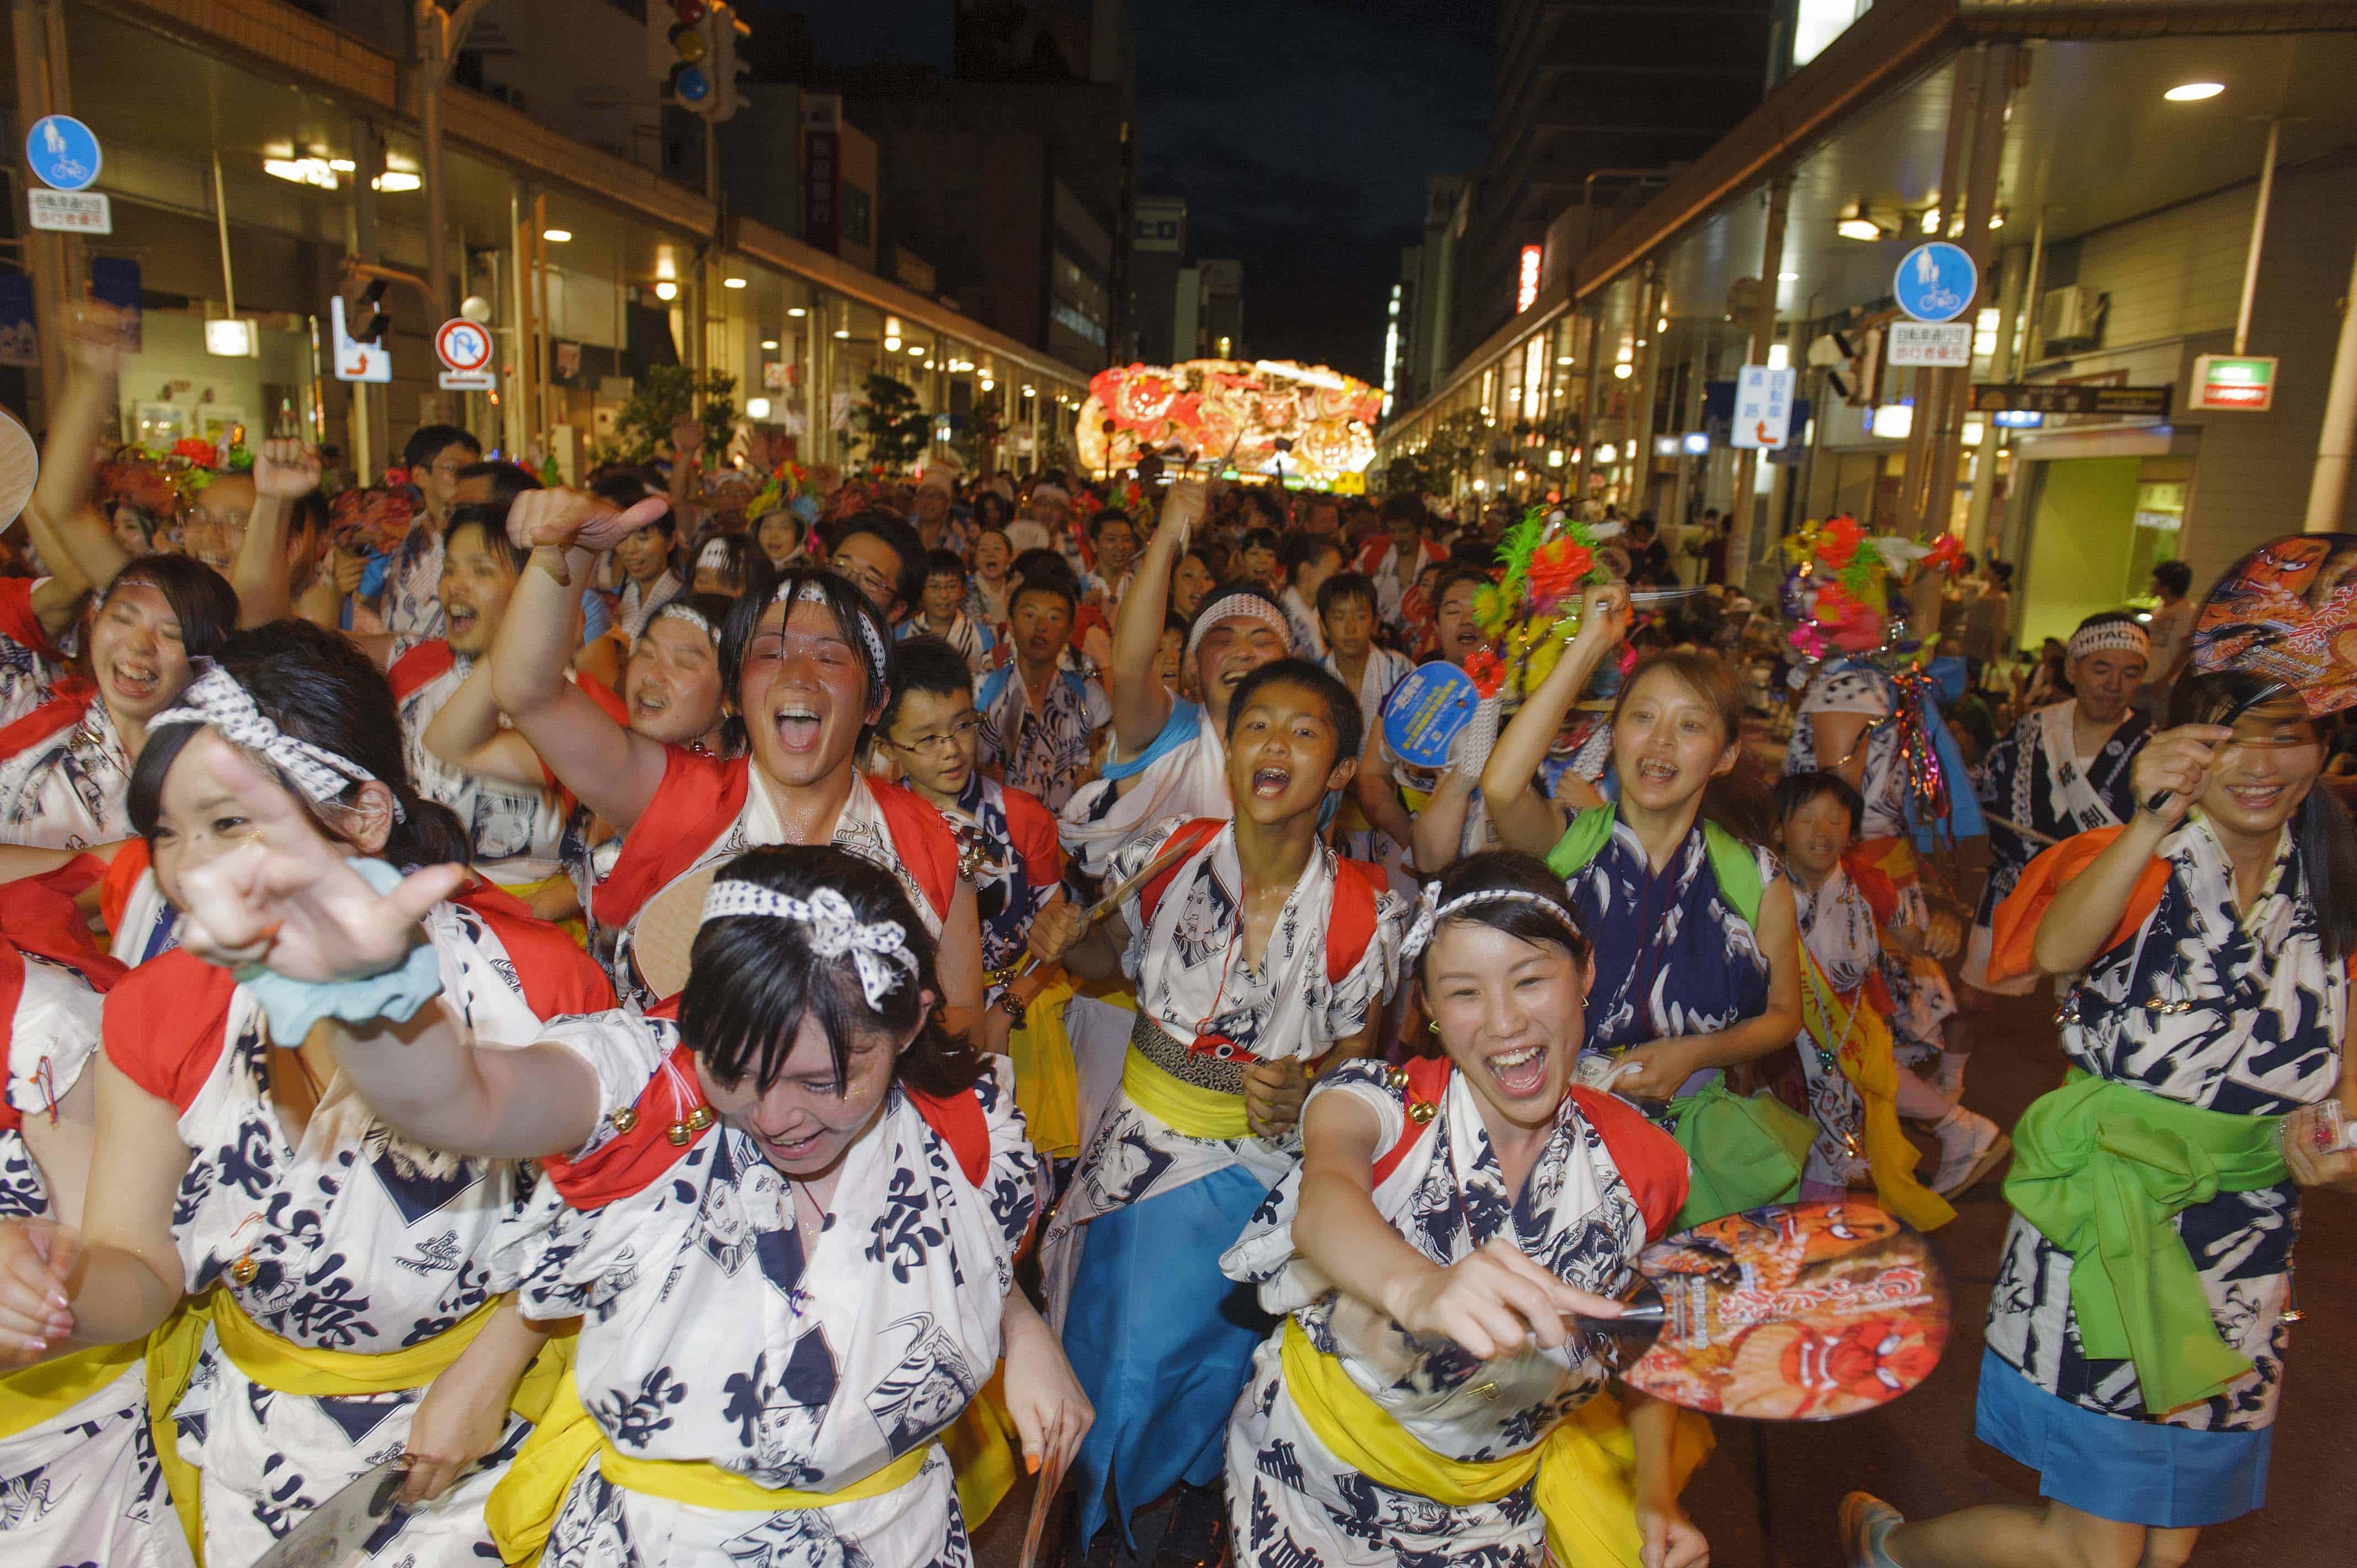 เทศกาล หน้าร้อน โทโฮคุ : Nebuta Festival มีโชว์ตีกลองและเต้นรำในจังหวะที่สุดเร้าใจ